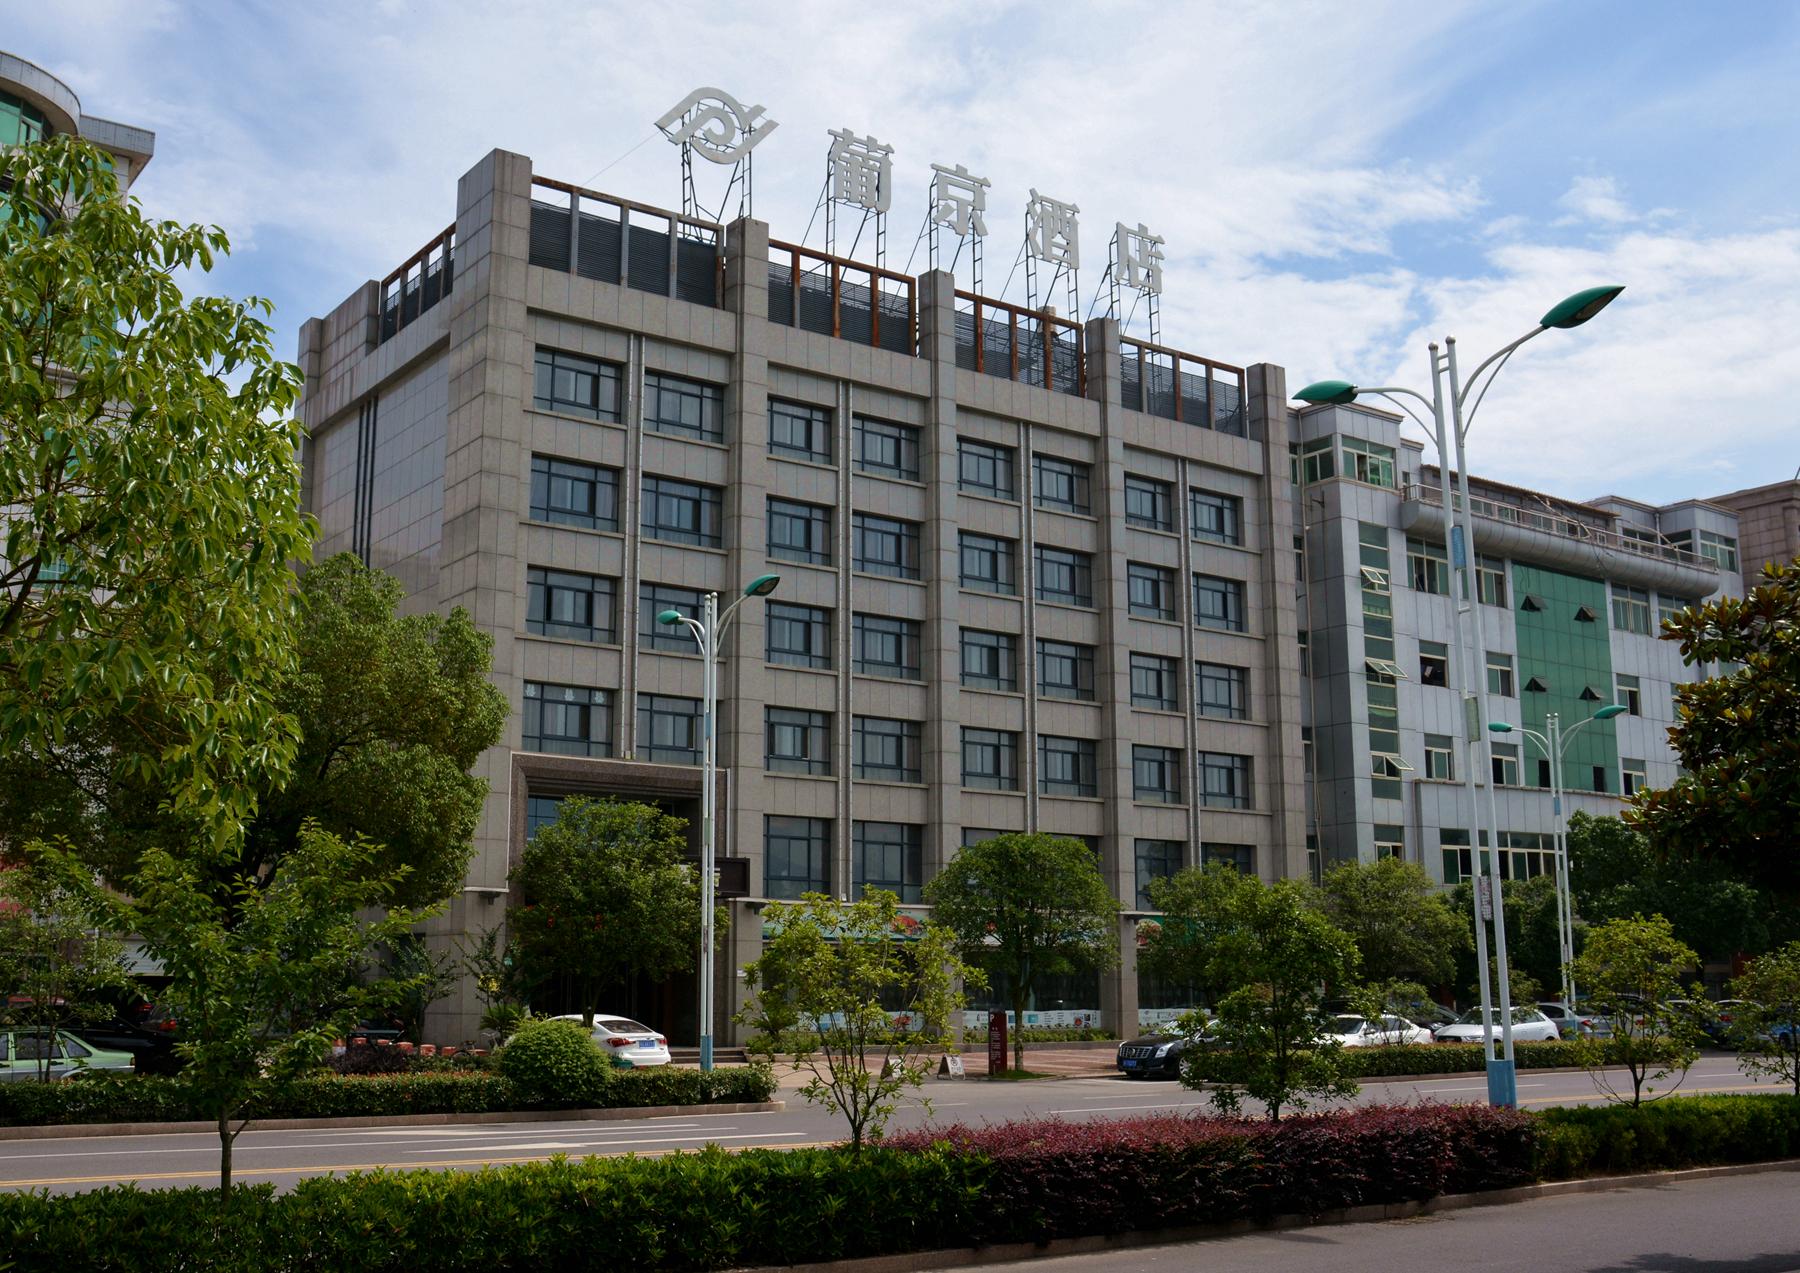 zhangqiu ⇀ zaozhuangxi_携程